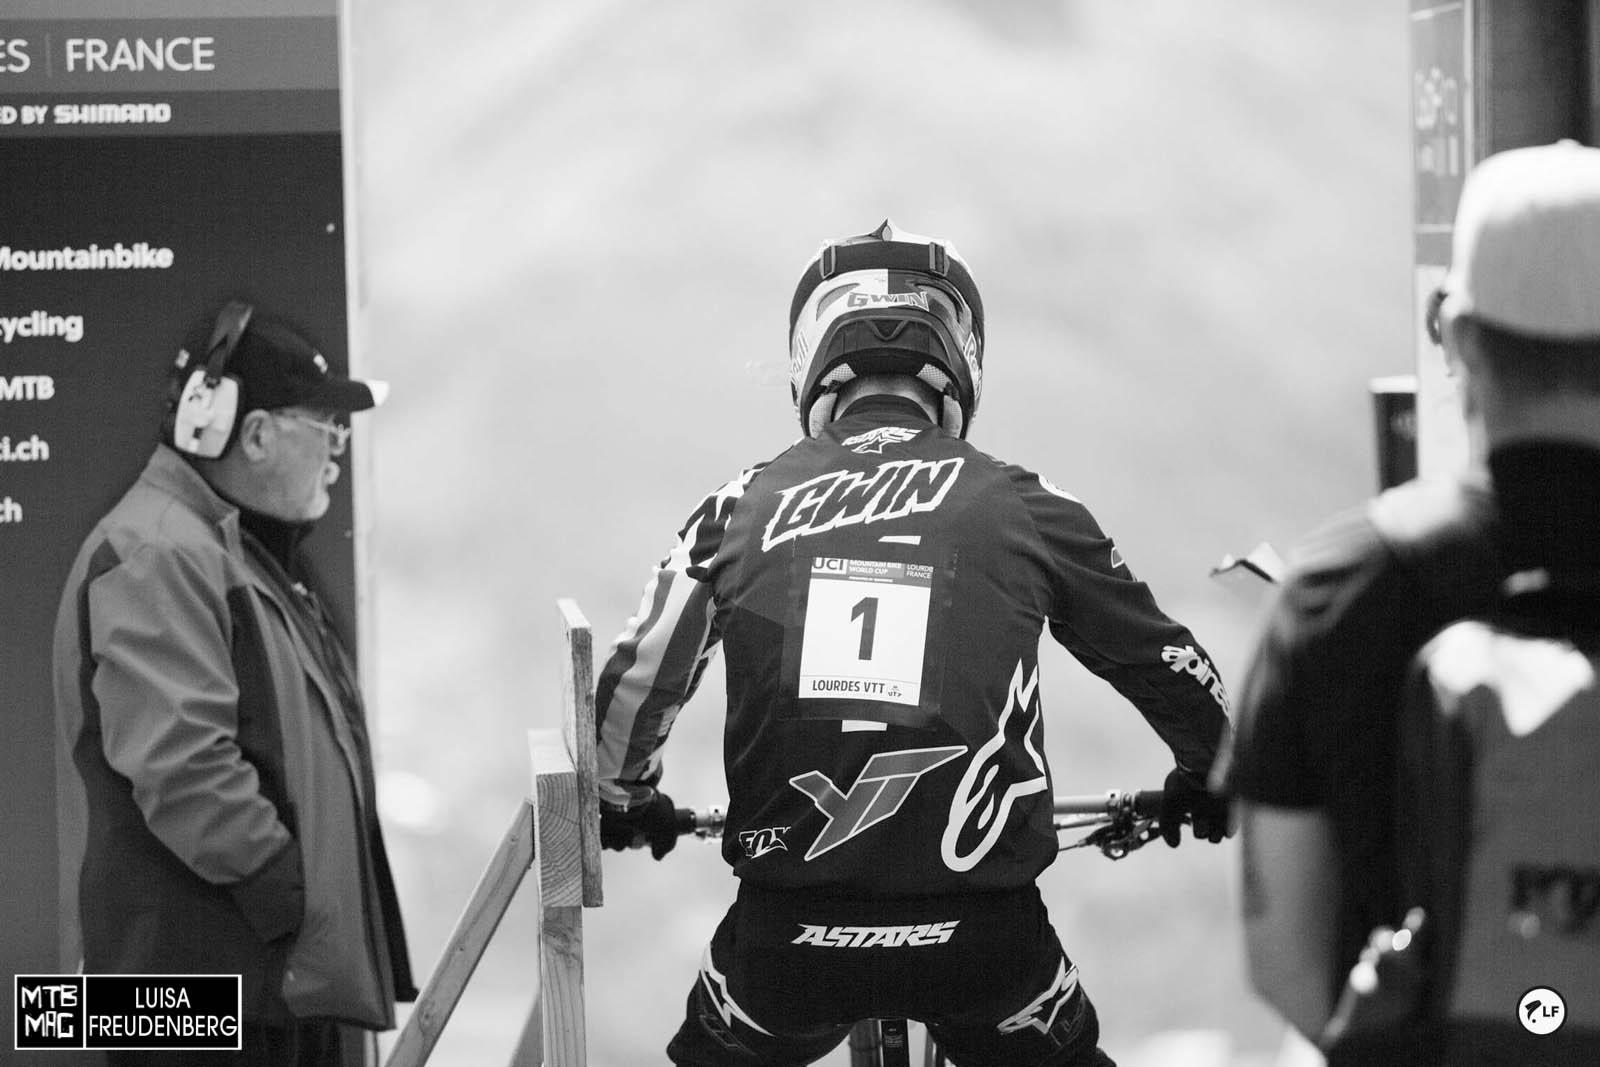 Er kam mit der Nummer 1 ins Rennen und verließ es auch wieder mit ihr. Somit hat er eindeutig bewiesen, dass er keine Eingewöhnungszeit auf seinem neuen Gefährt benötigt.